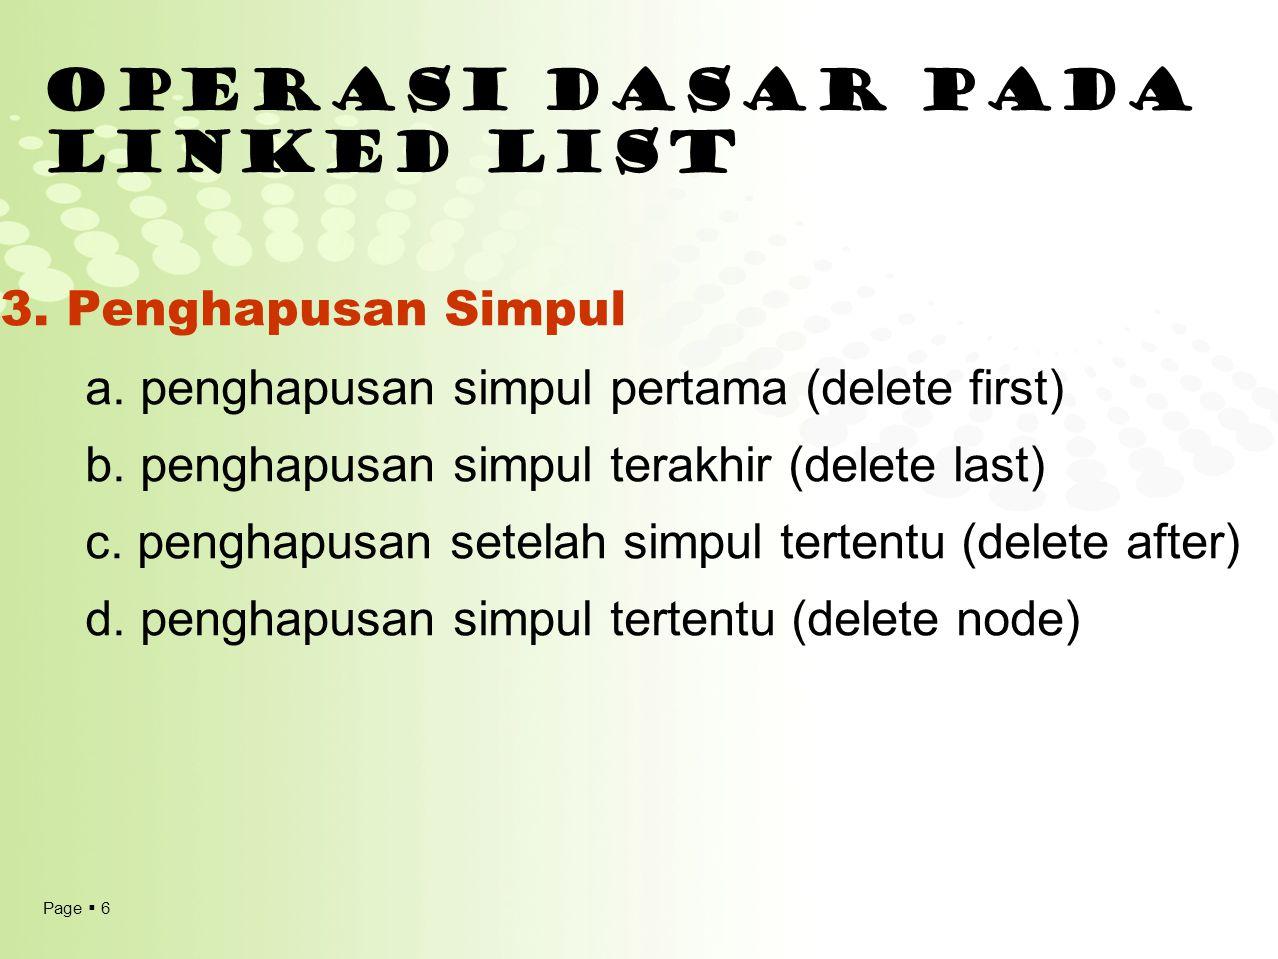 Page  6 OPERASI DASAR PADA LINKED LIST 3. Penghapusan Simpul a. penghapusan simpul pertama (delete first) b. penghapusan simpul terakhir (delete last